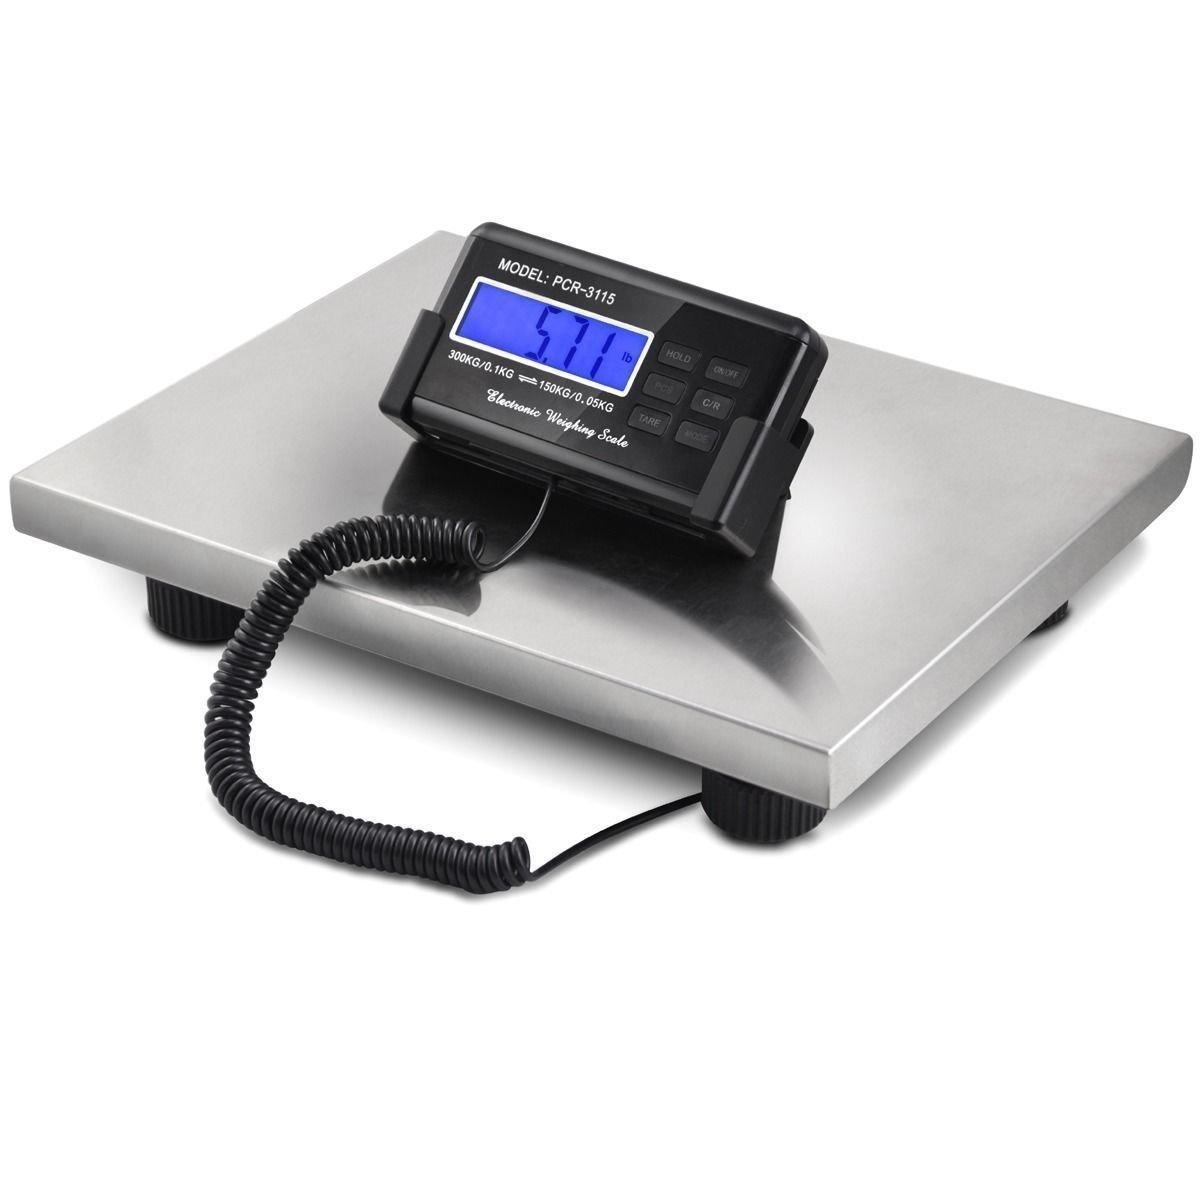 Generic dyhp-a10-code-5005-class-1/ /-NV 1001005005-hp10-uk 1753 300/kg b/áscula 150/kg es 15/Pesado Deber Digital Cale en Plataforma Paquete al pl Escala Industrial Duty di/